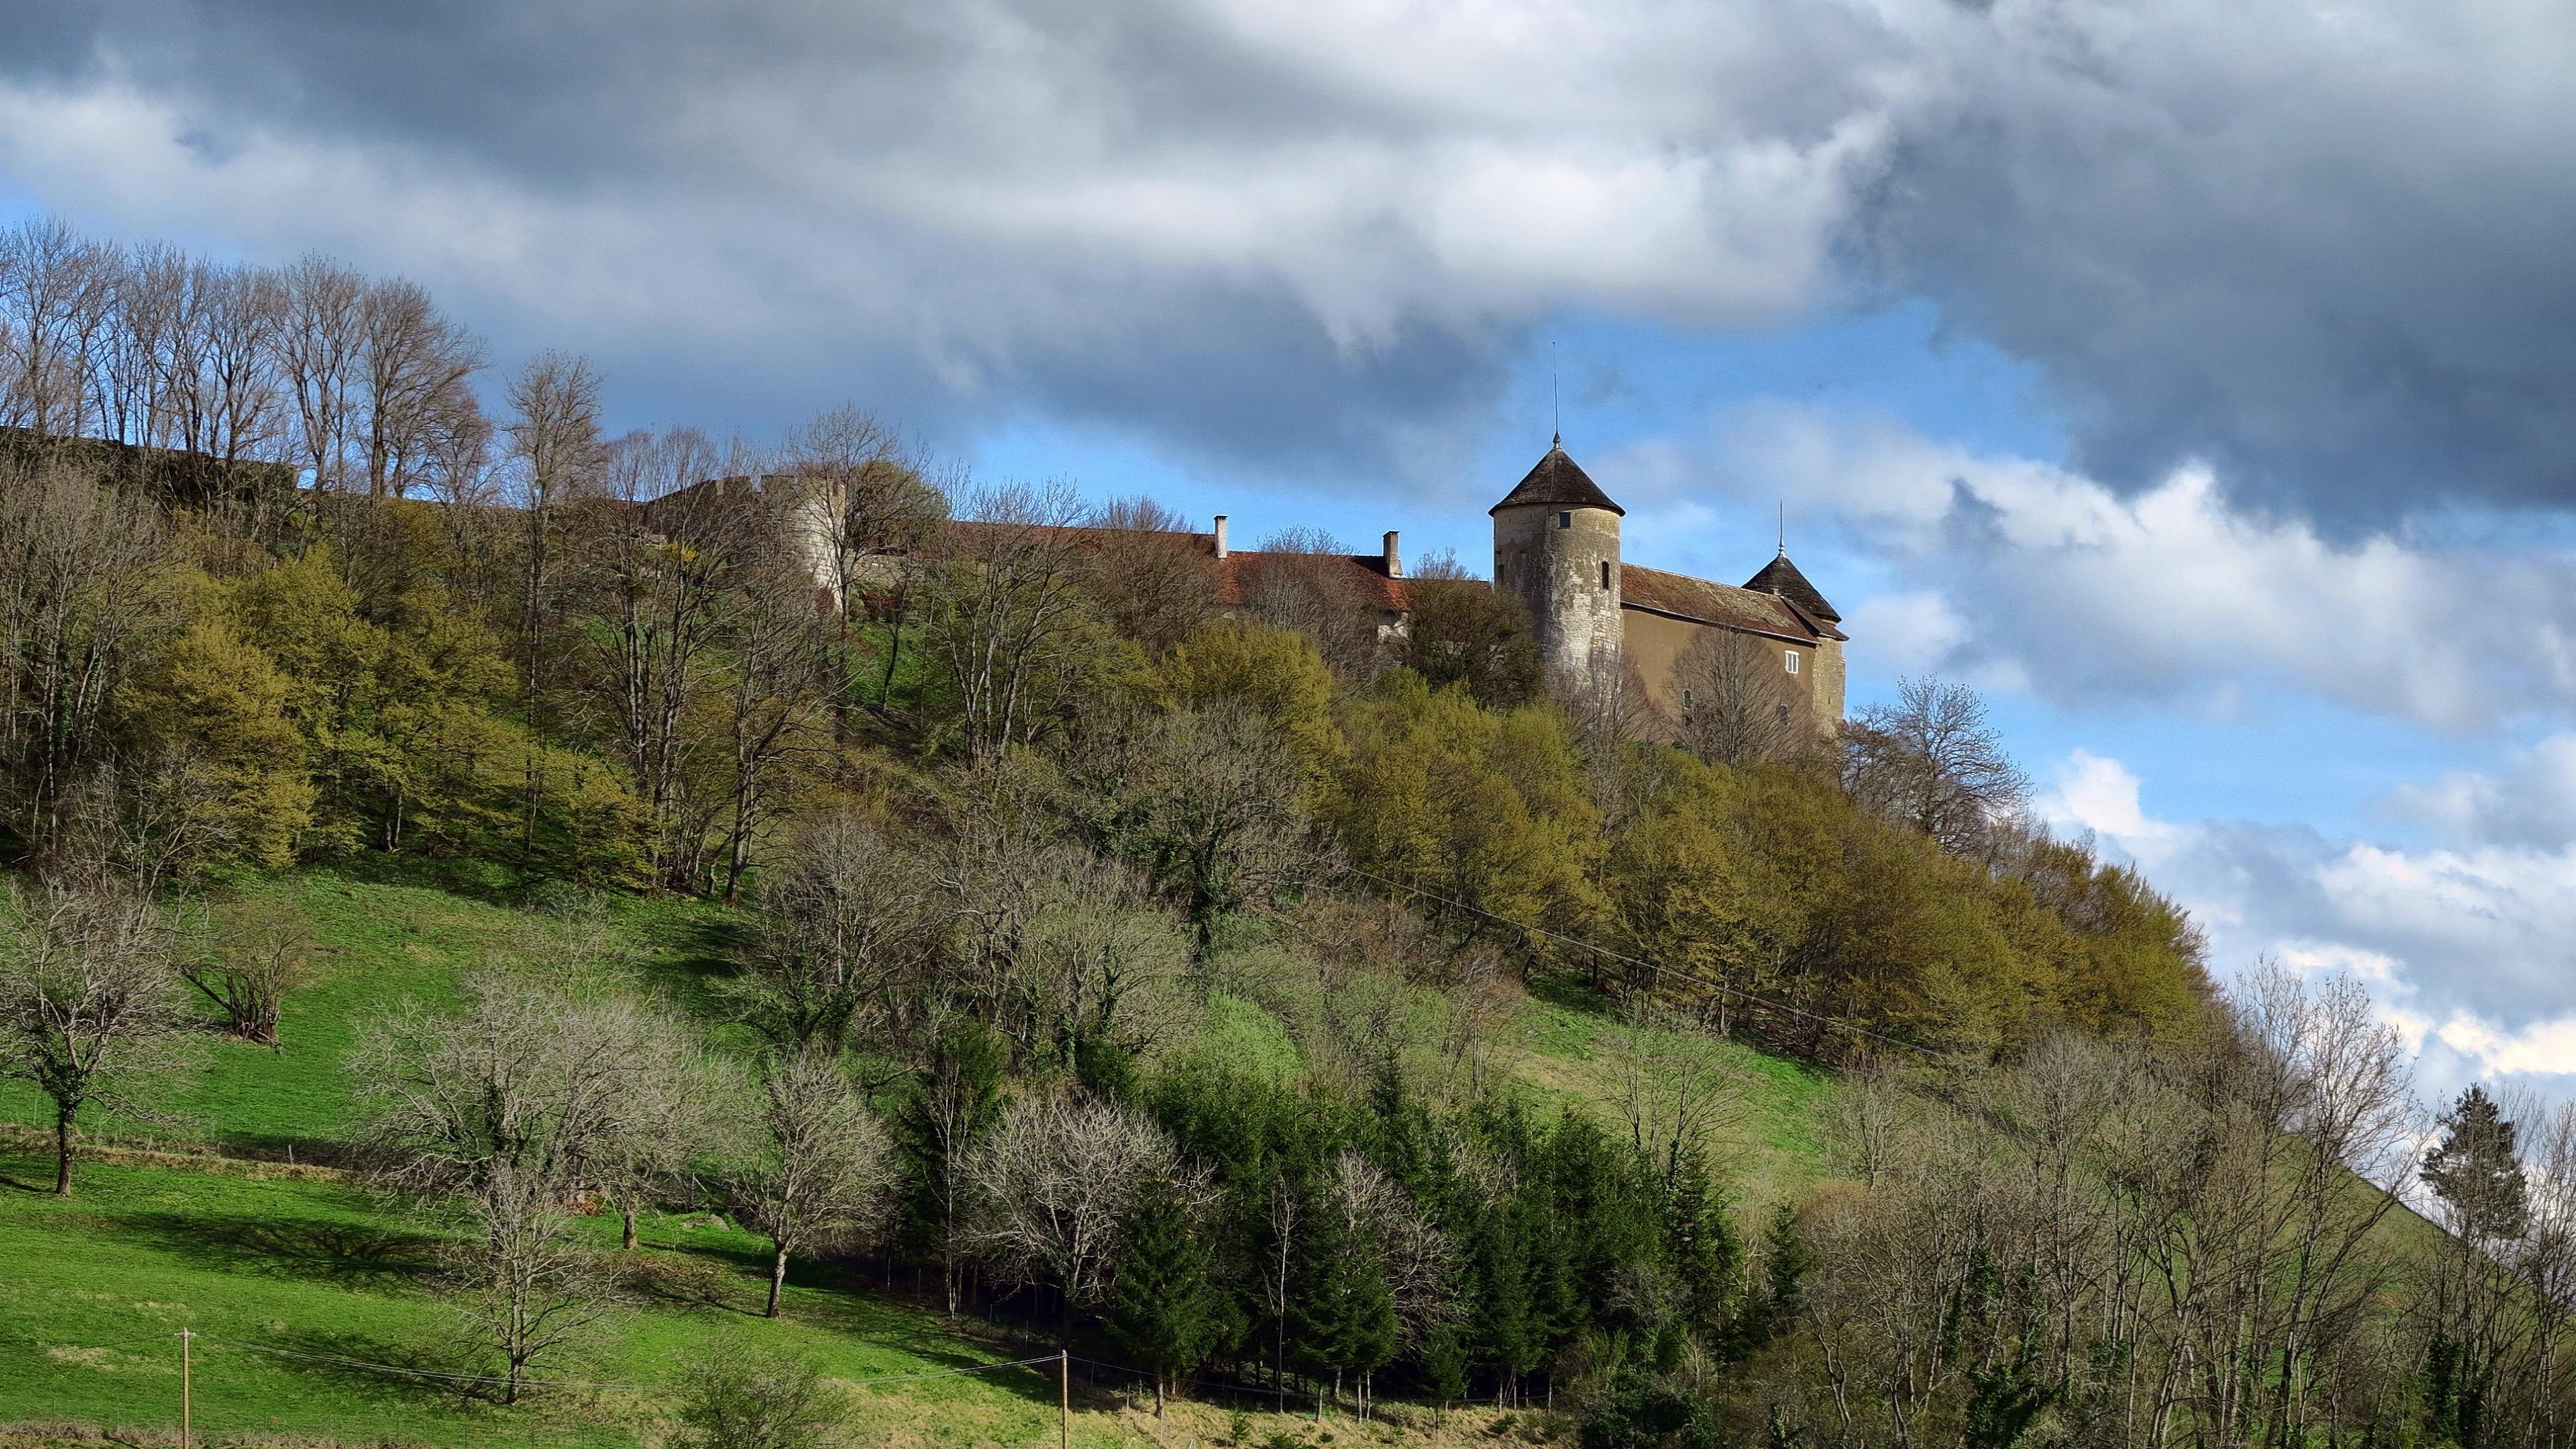 Pays de Sancey-Belleherbe, Doubs, France